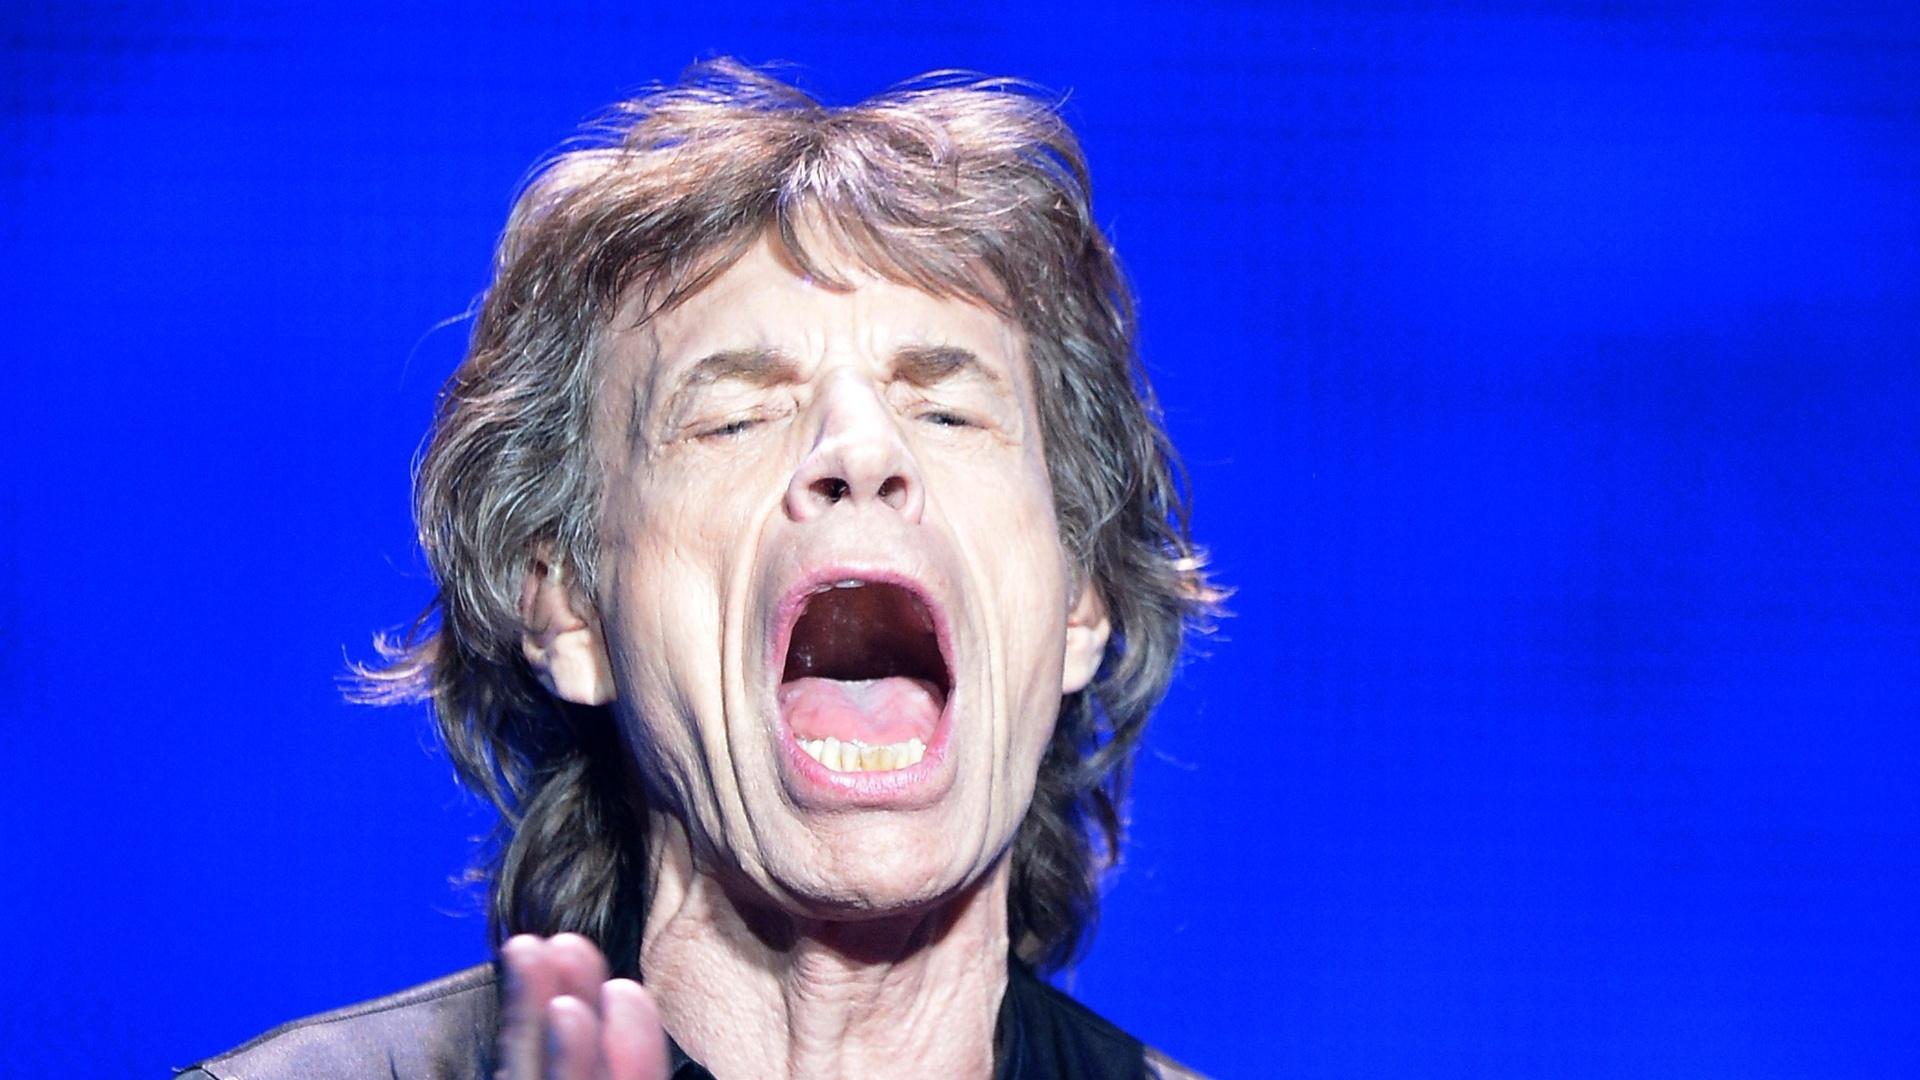 03.mai.2013 - A disposição para fazer gestos exagerados de Jagger, entretanto, não parecem ter sido afetada pelo desempenho nas bilheterias